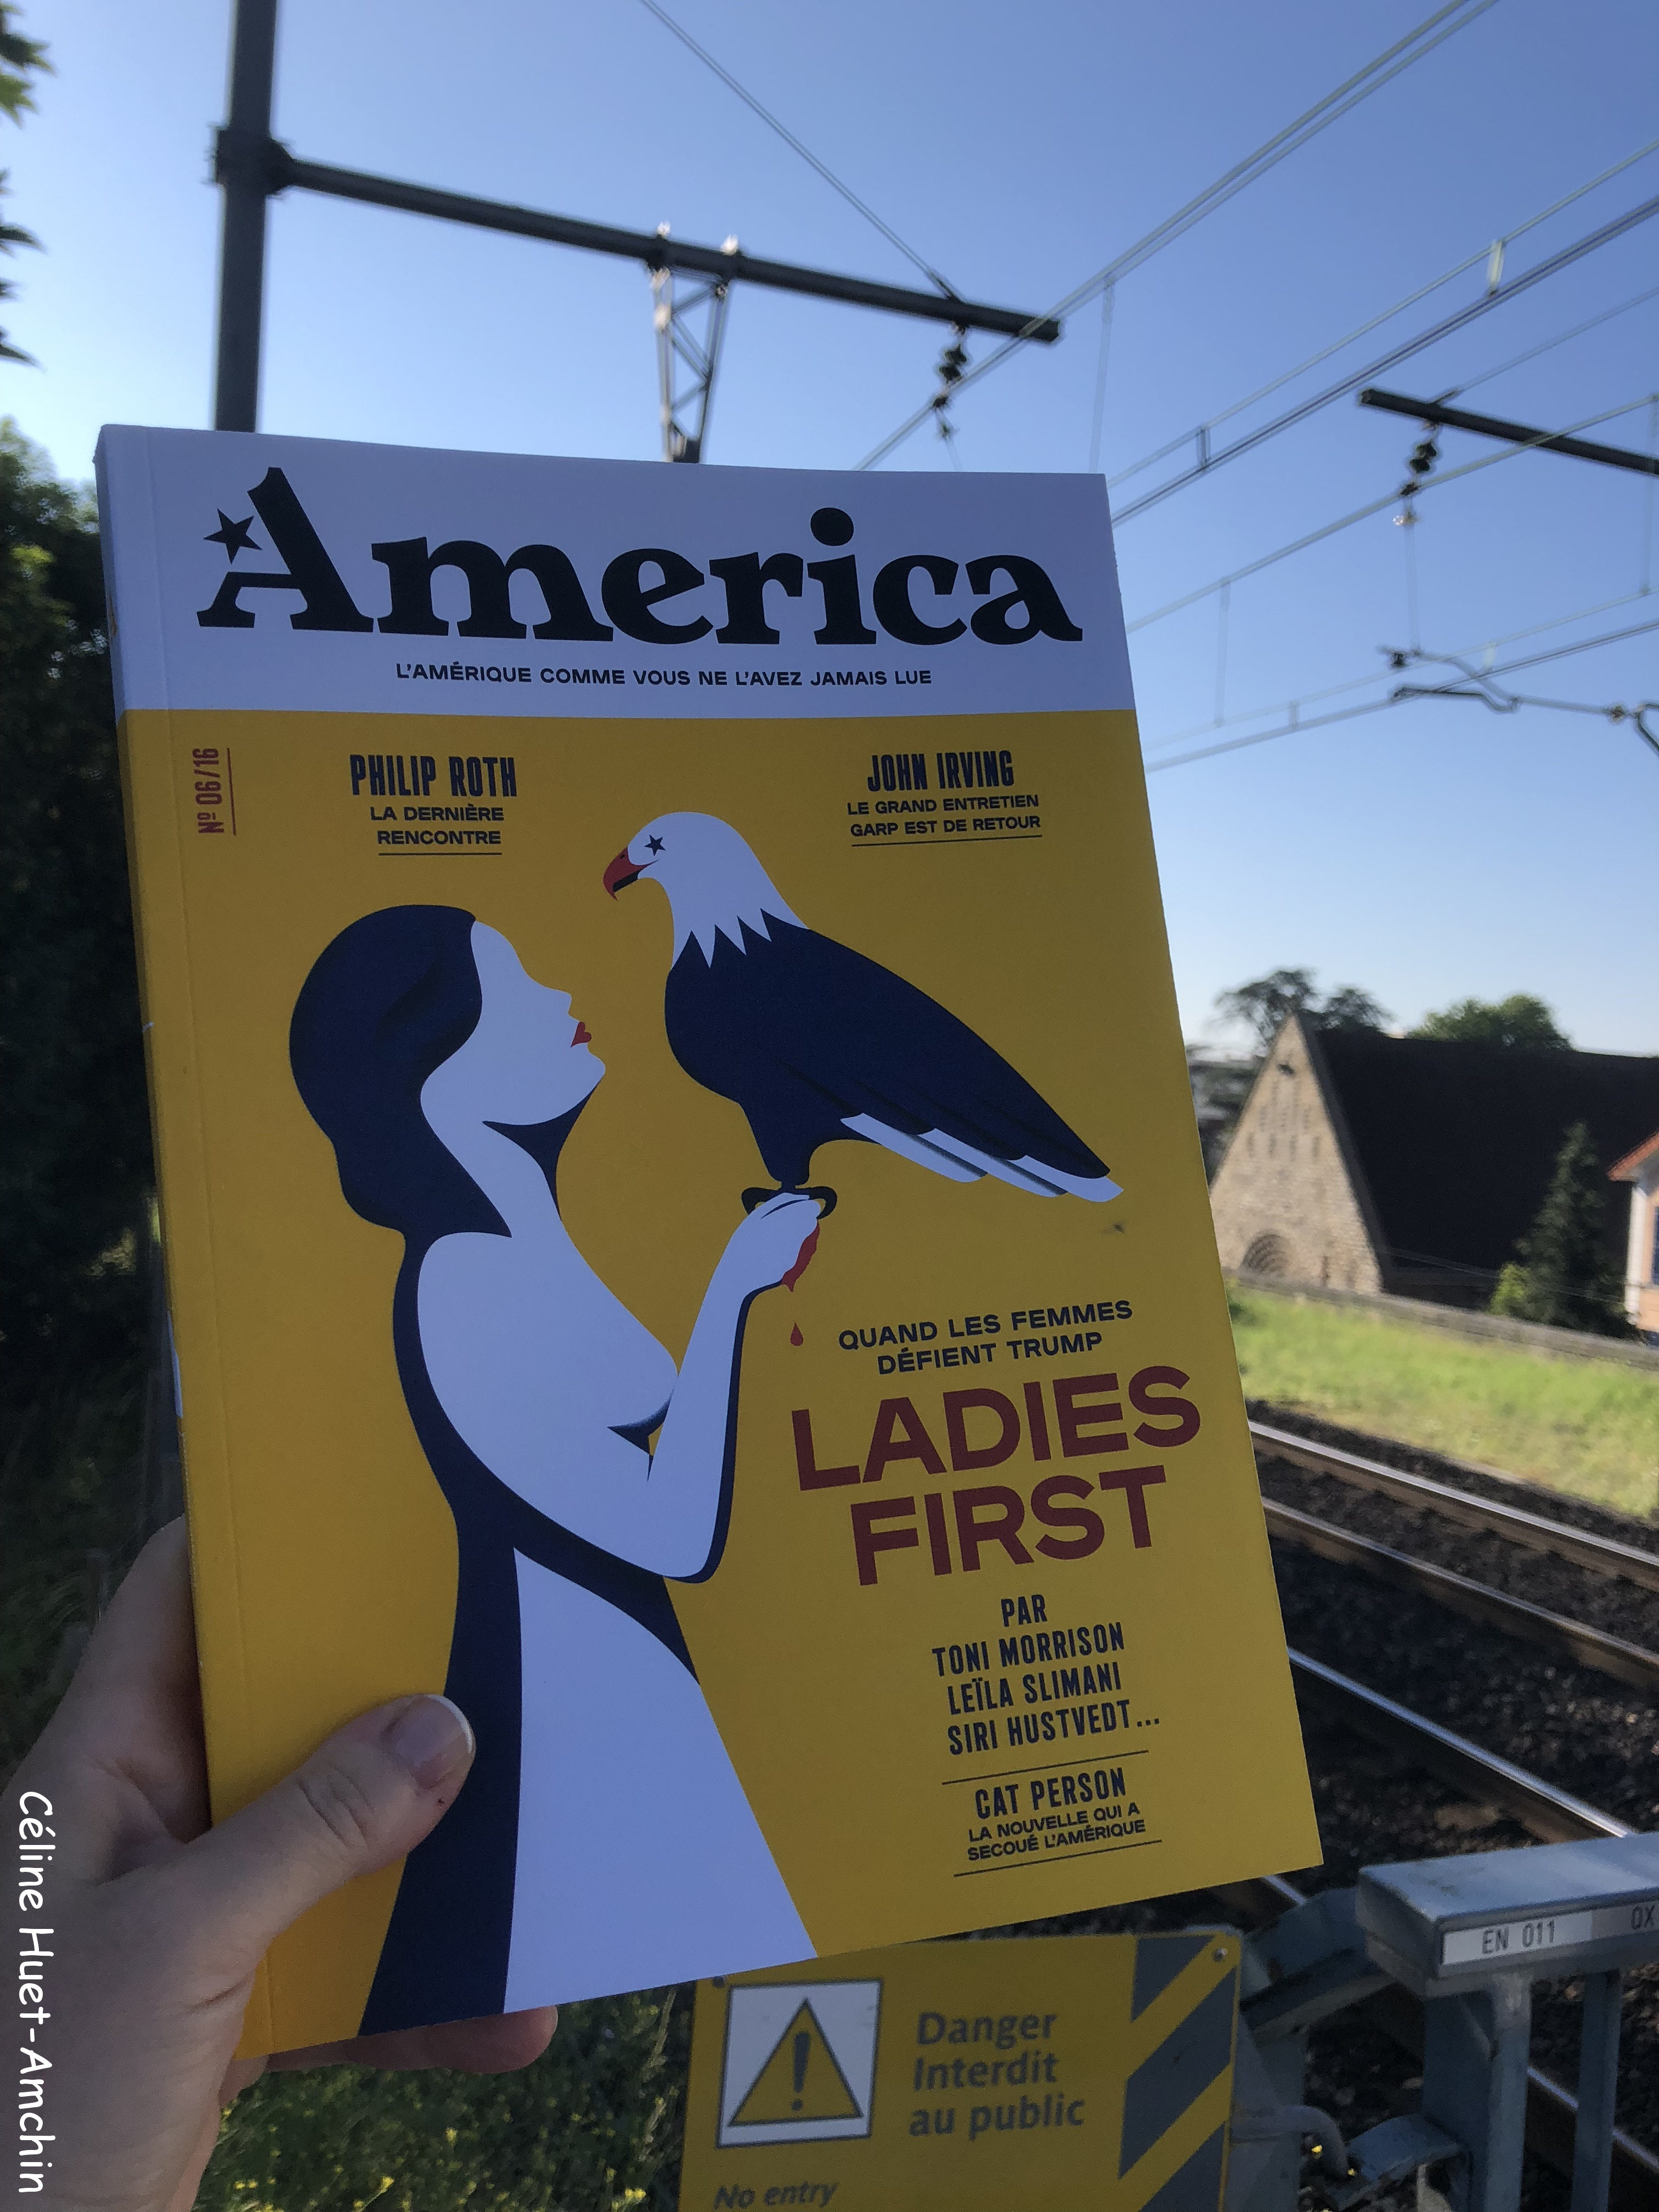 America n°5